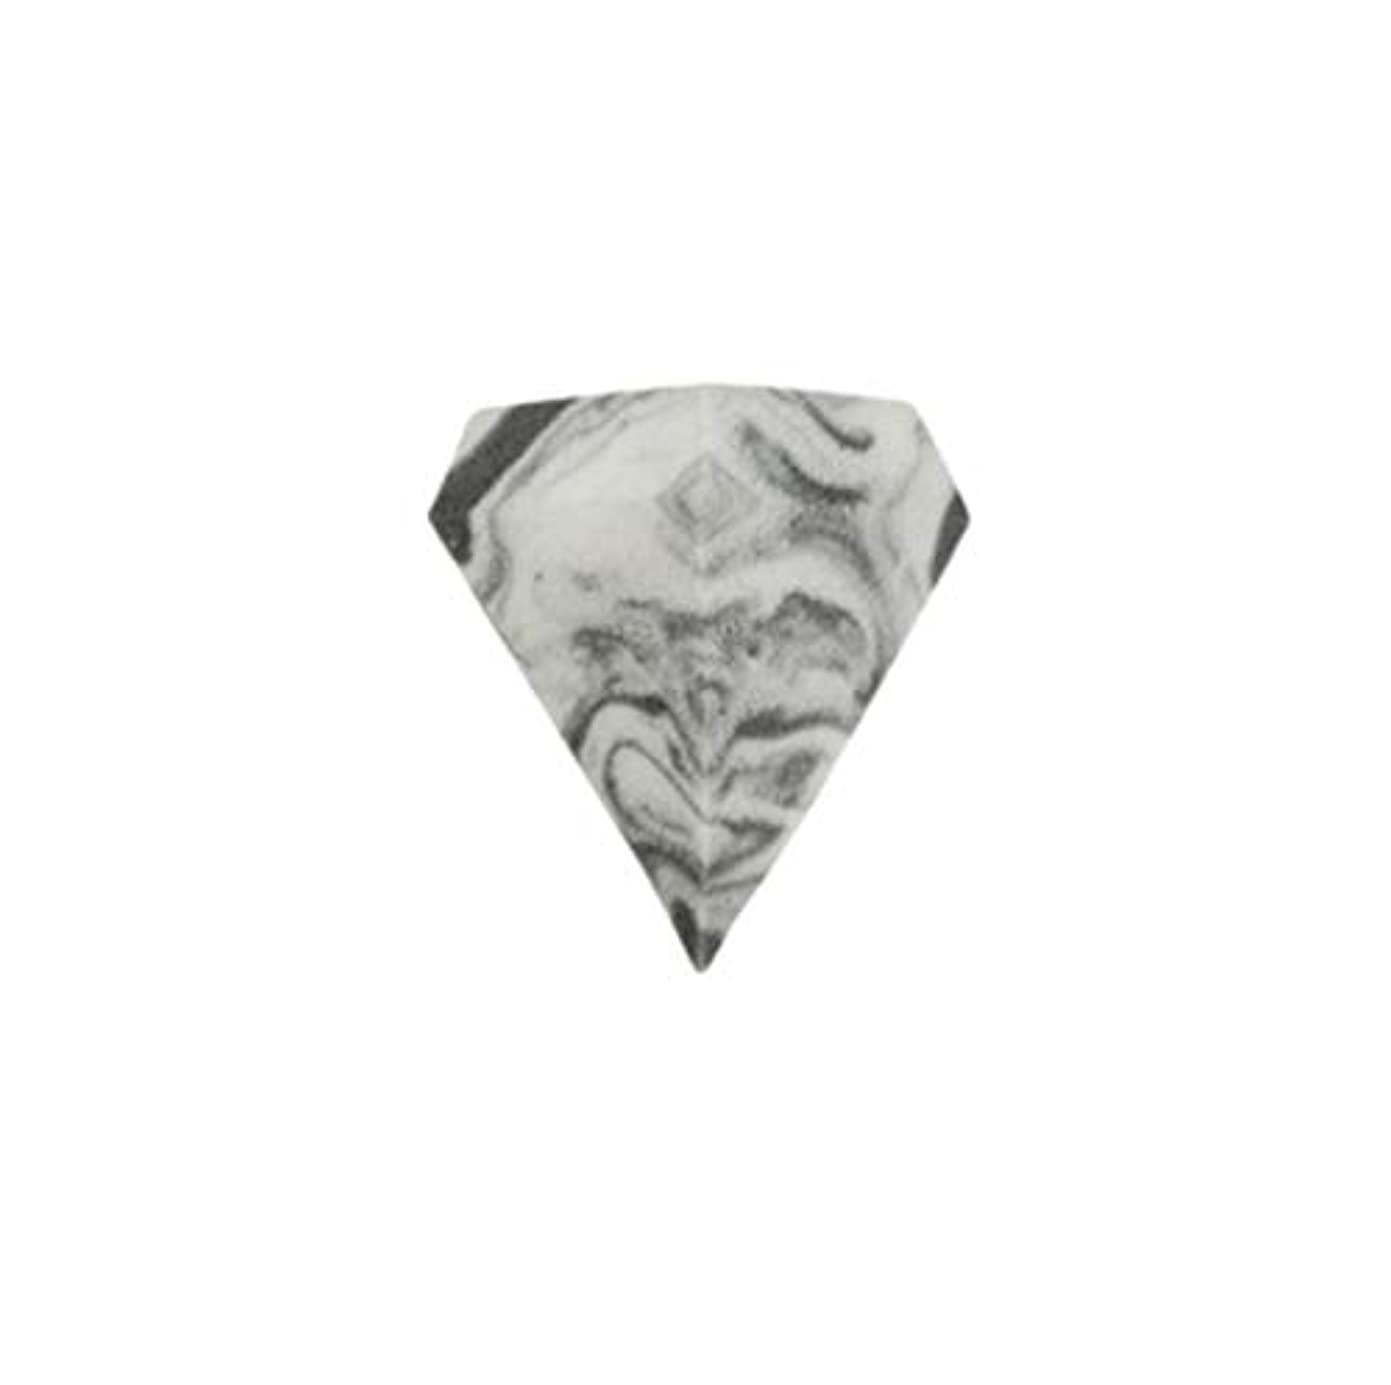 エクスタシー振りかける巻き戻す美のスポンジ、柔らかいダイヤモンド形の構造の混合物の基礎スポンジ